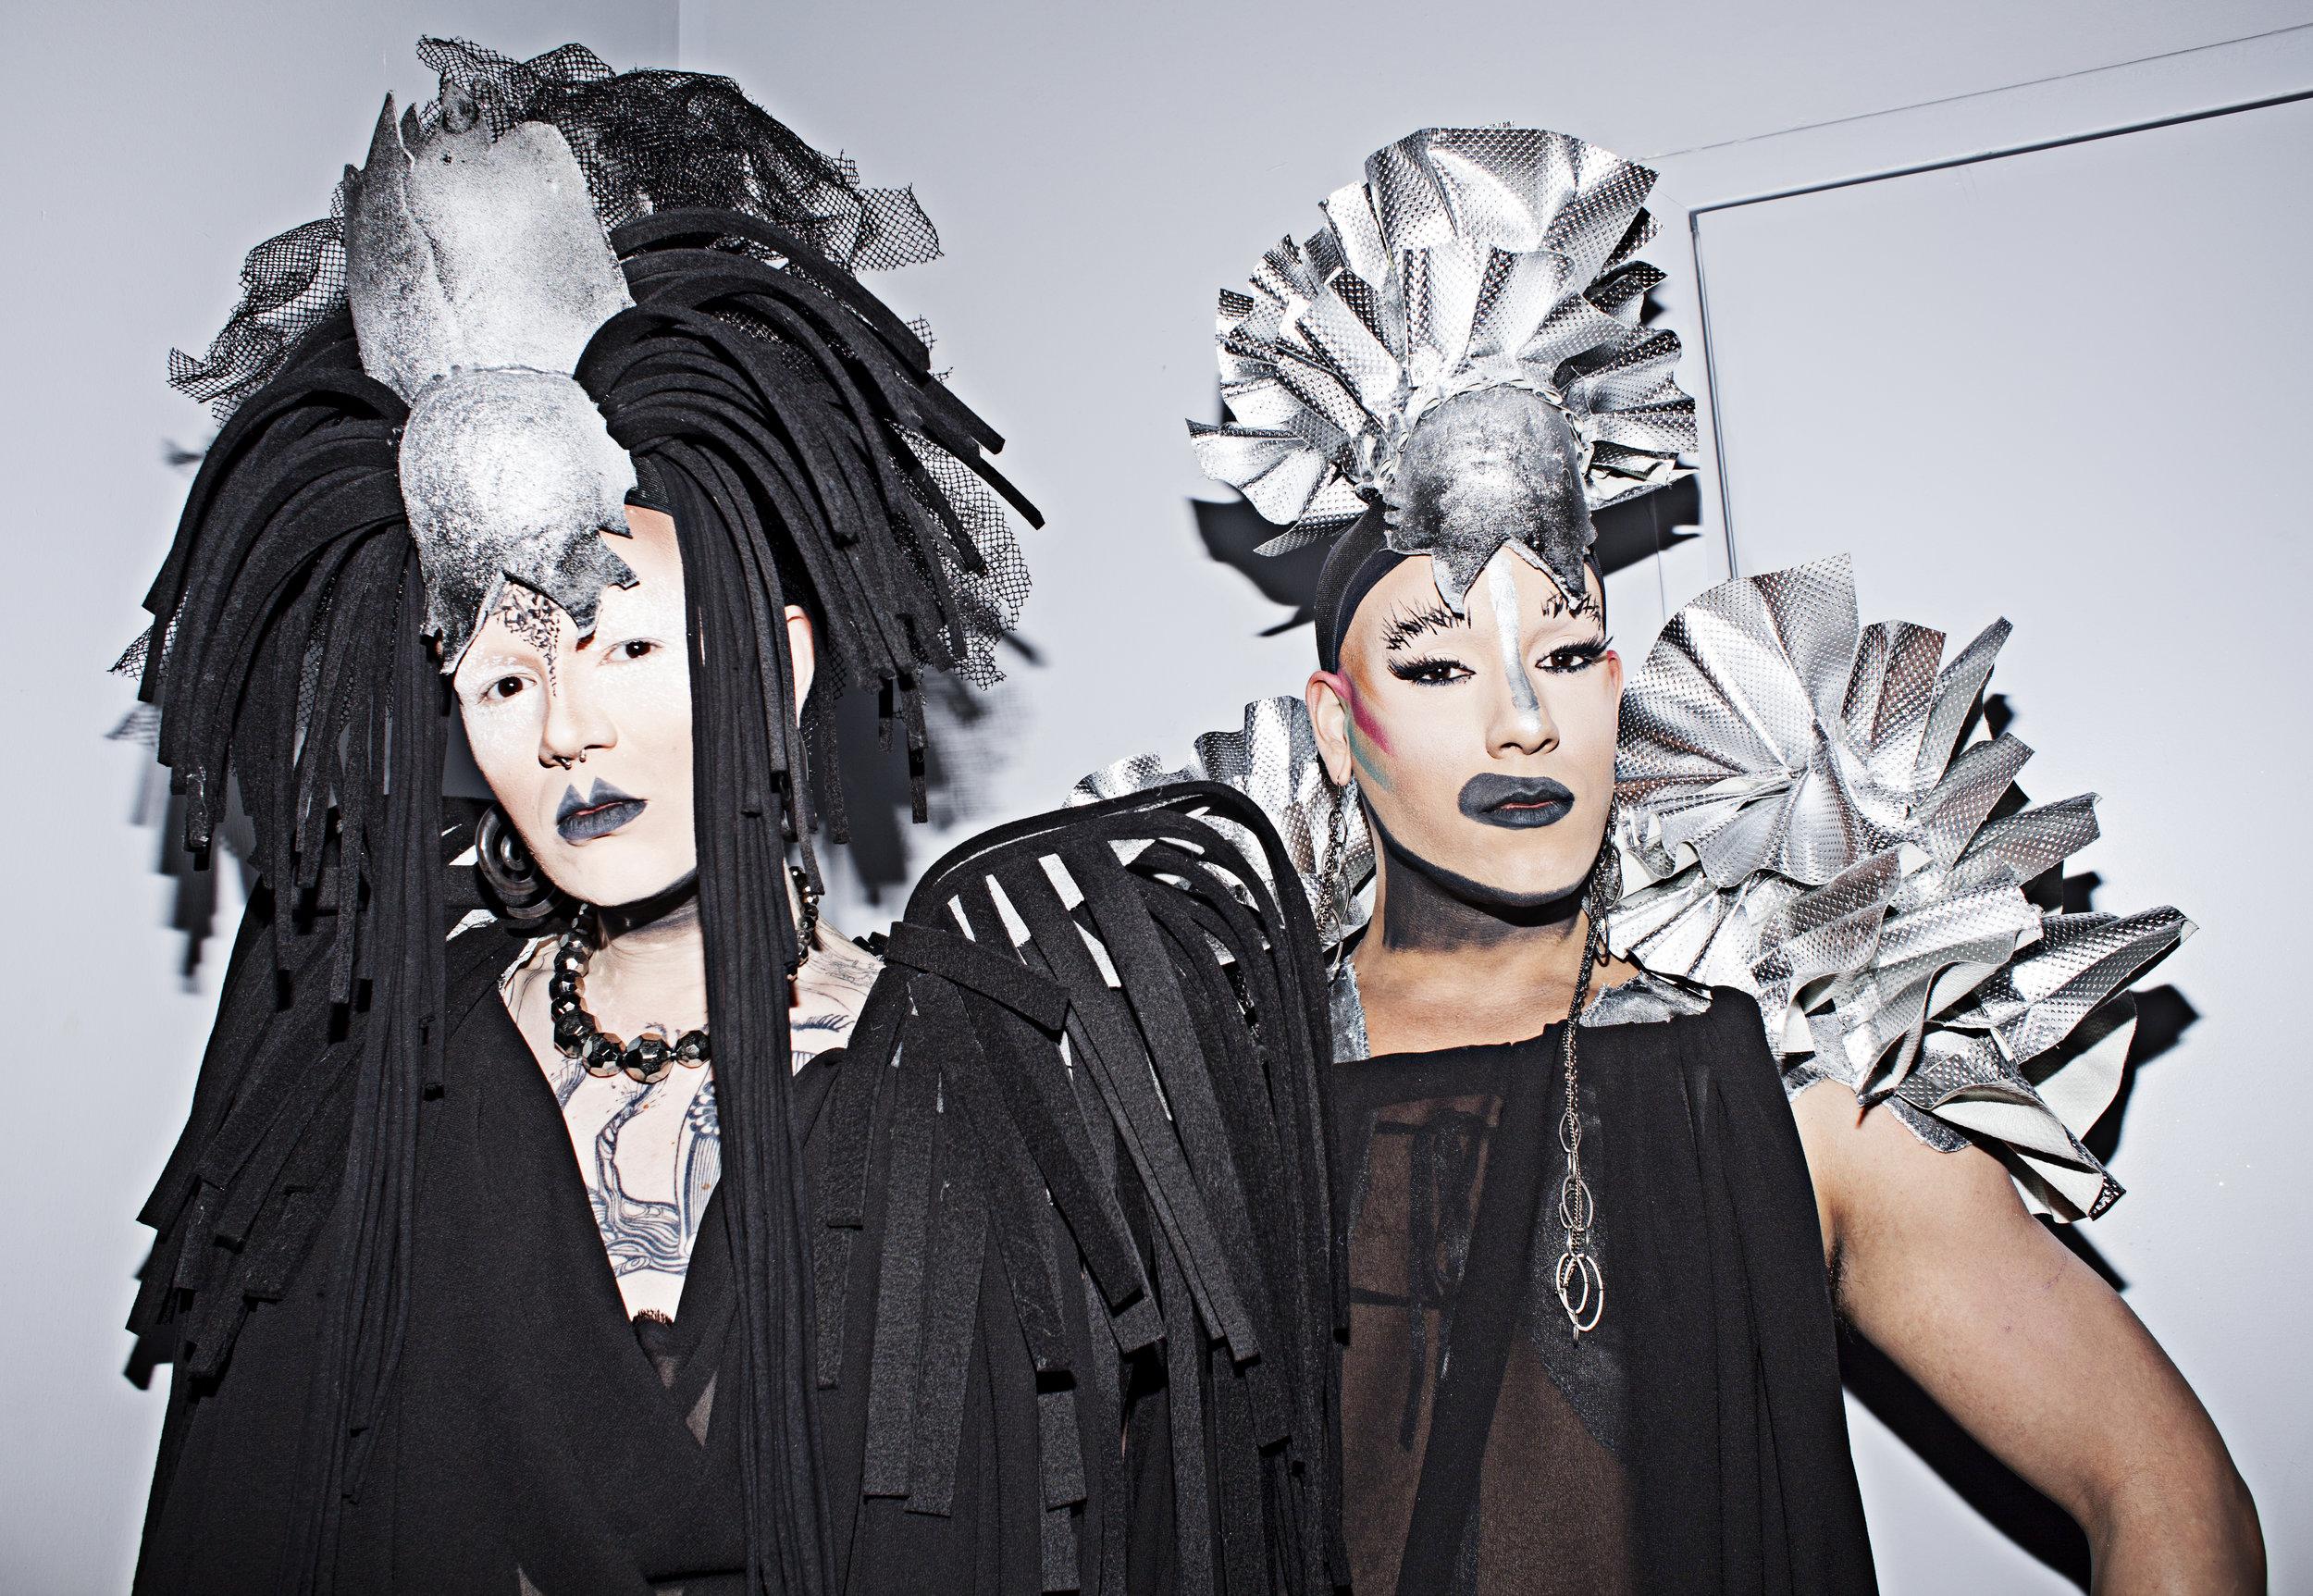 Susanne Bartsche presents Kunst party in Brooklyn at Verboten